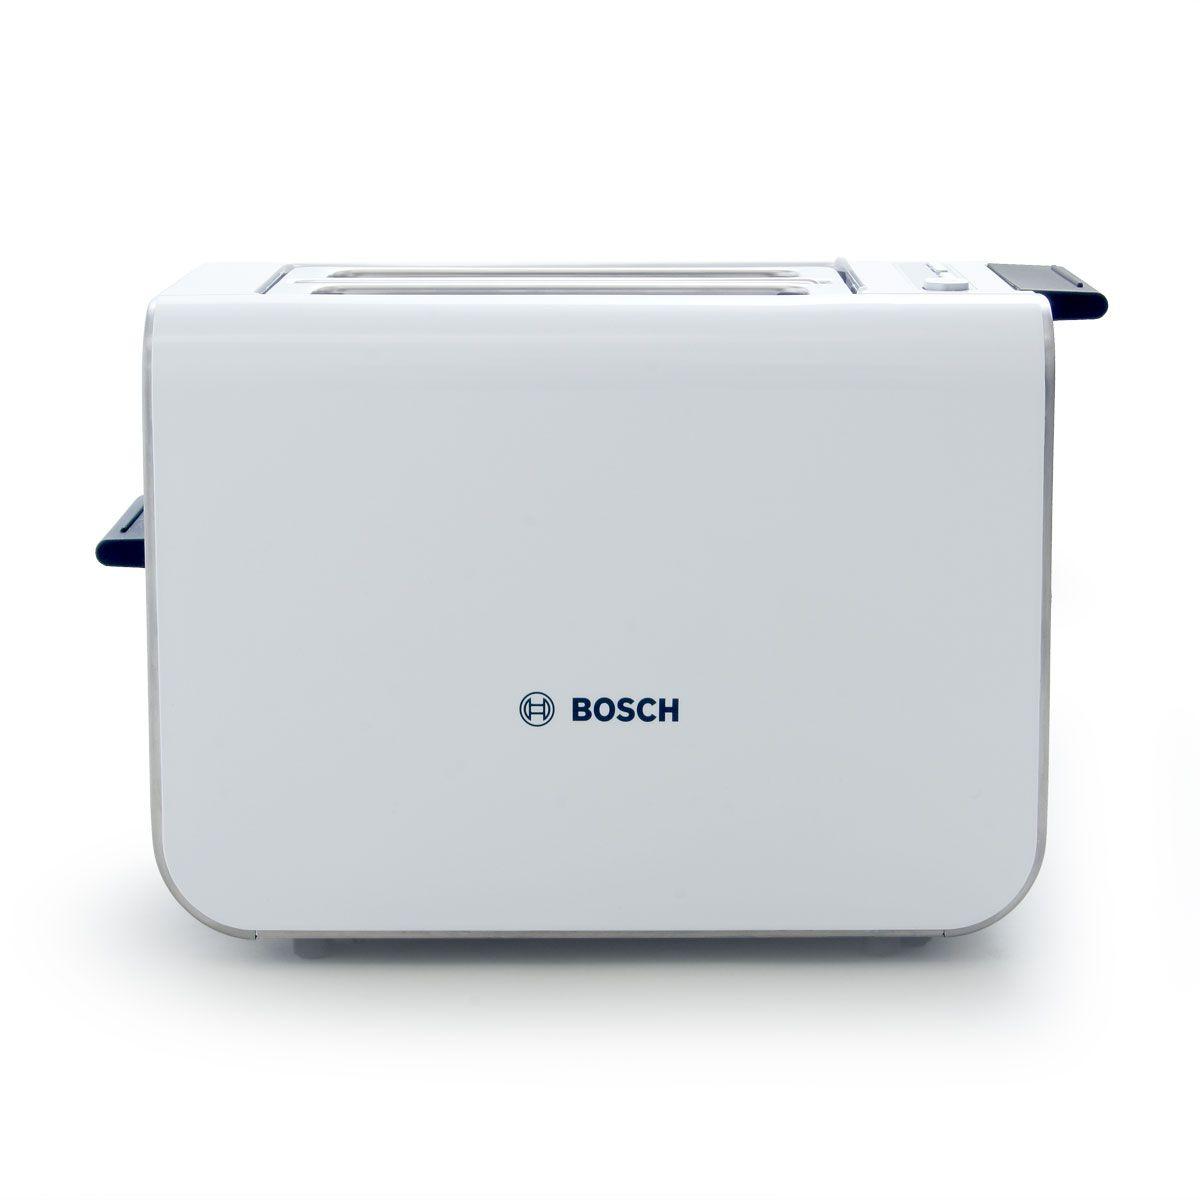 Porsche Design Kitchen Appliances: Produktdesign Toaster Für Bosch Siemens Hausgeräte